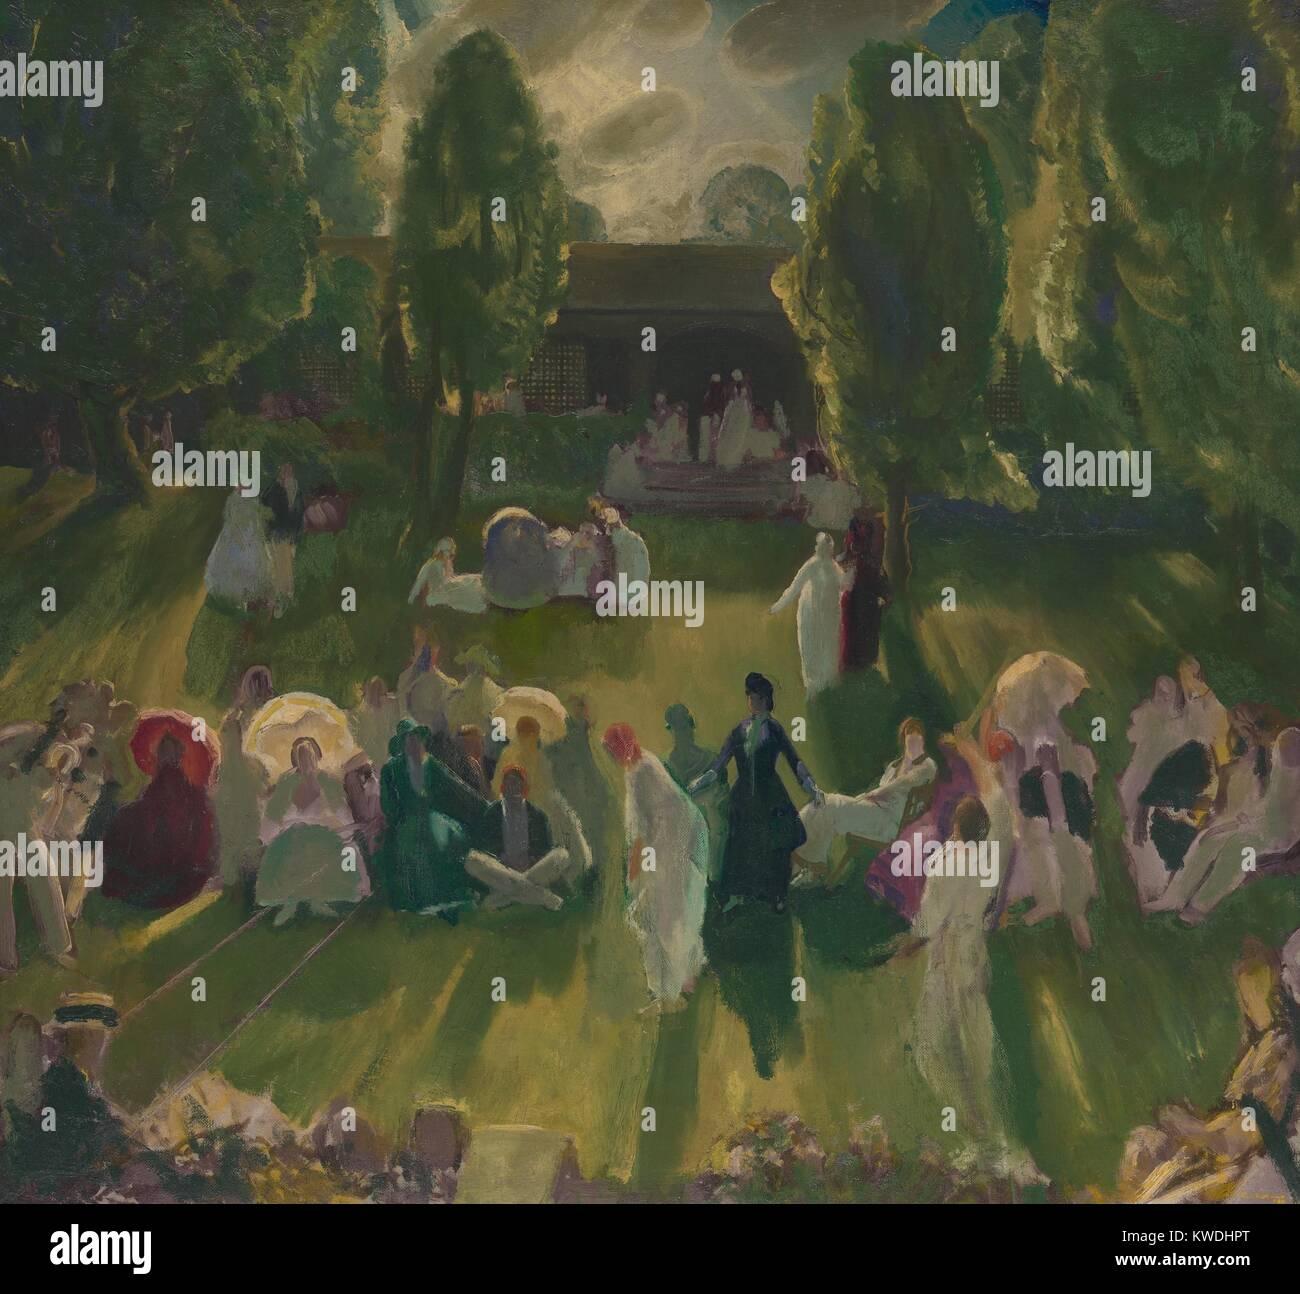 TENNIS A NEWPORT, da George soffietto, 1919, la pittura americana, olio su tela. Scena satirica della elite partite Immagini Stock